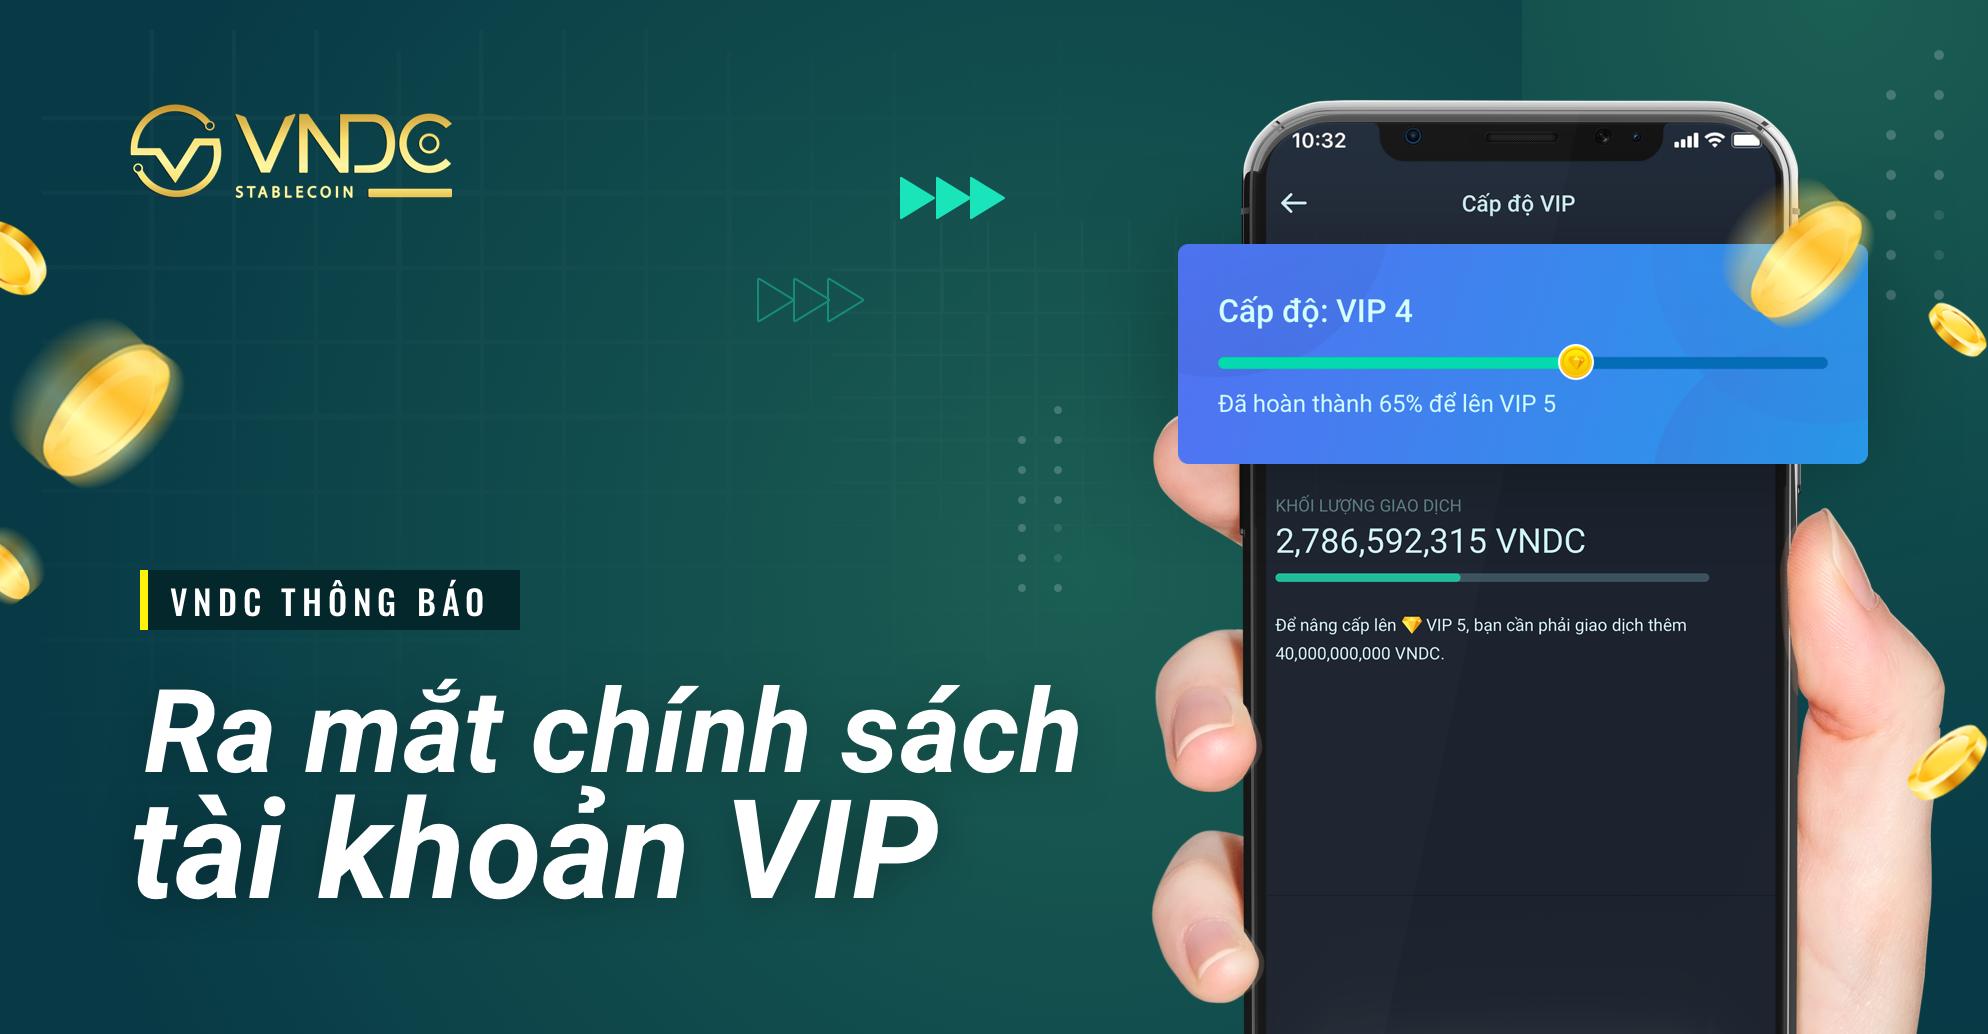 Tại sao VNDC ra mắt chính sách tài khoản VIP?